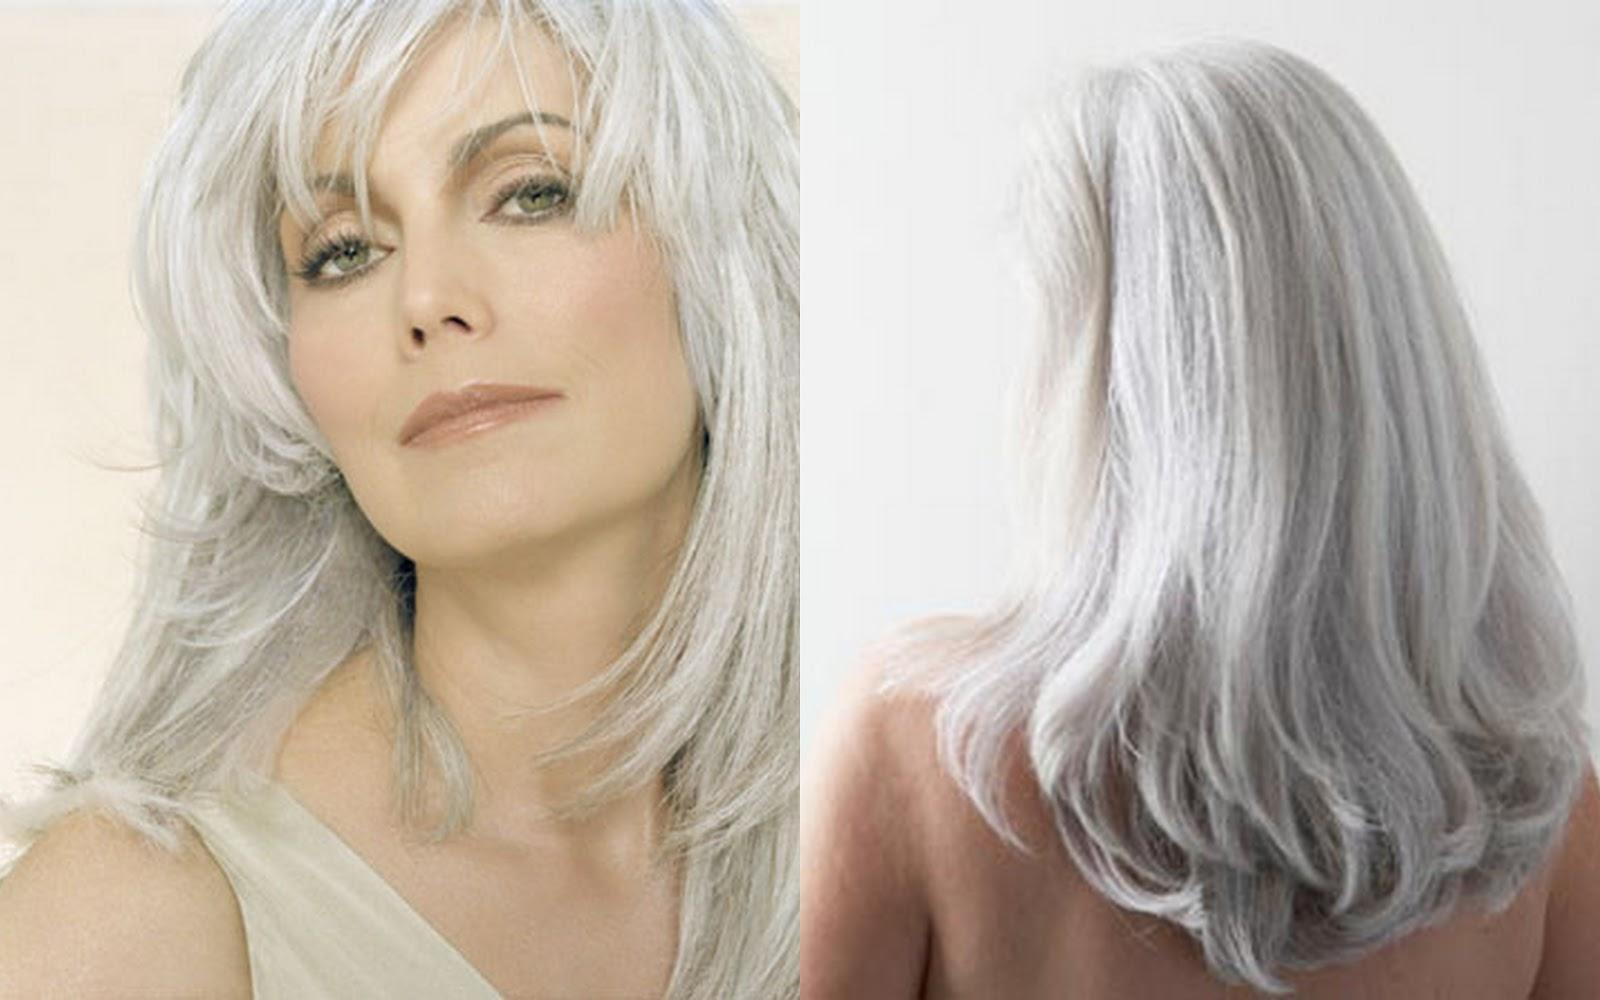 Coafuri pentru femei cu vârsta peste 50 de ani, Foto: pierreletulzo.fr